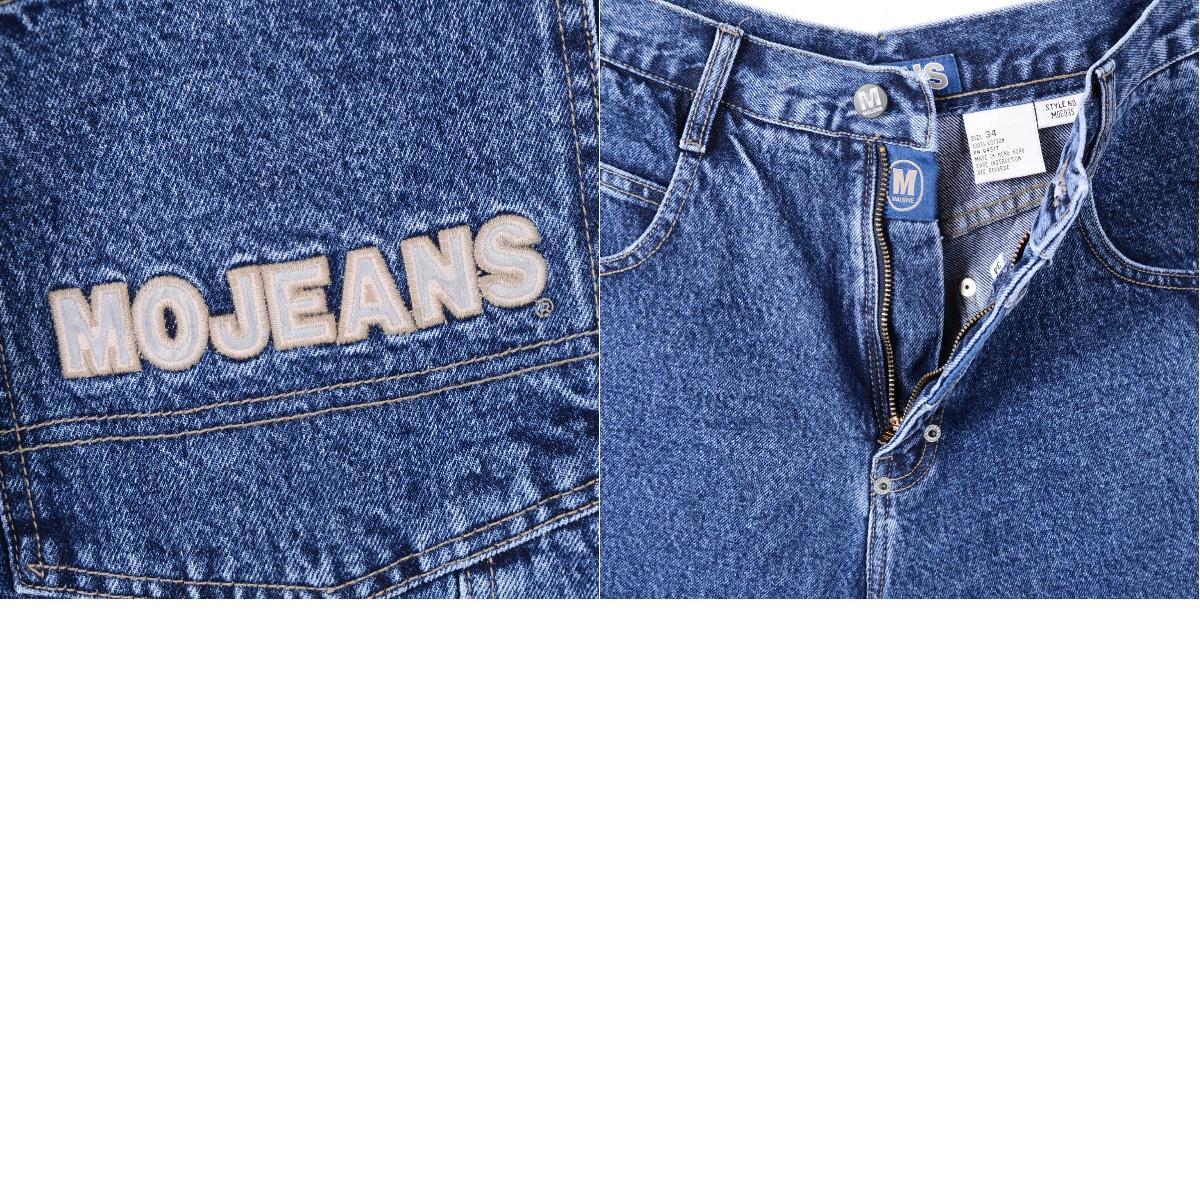 滞销商品DEADSTOCK莫里斯马隆MOJEANS转换粗斜纹布短裤短裤人w34 MAURICE MALONE/weq6455 160623